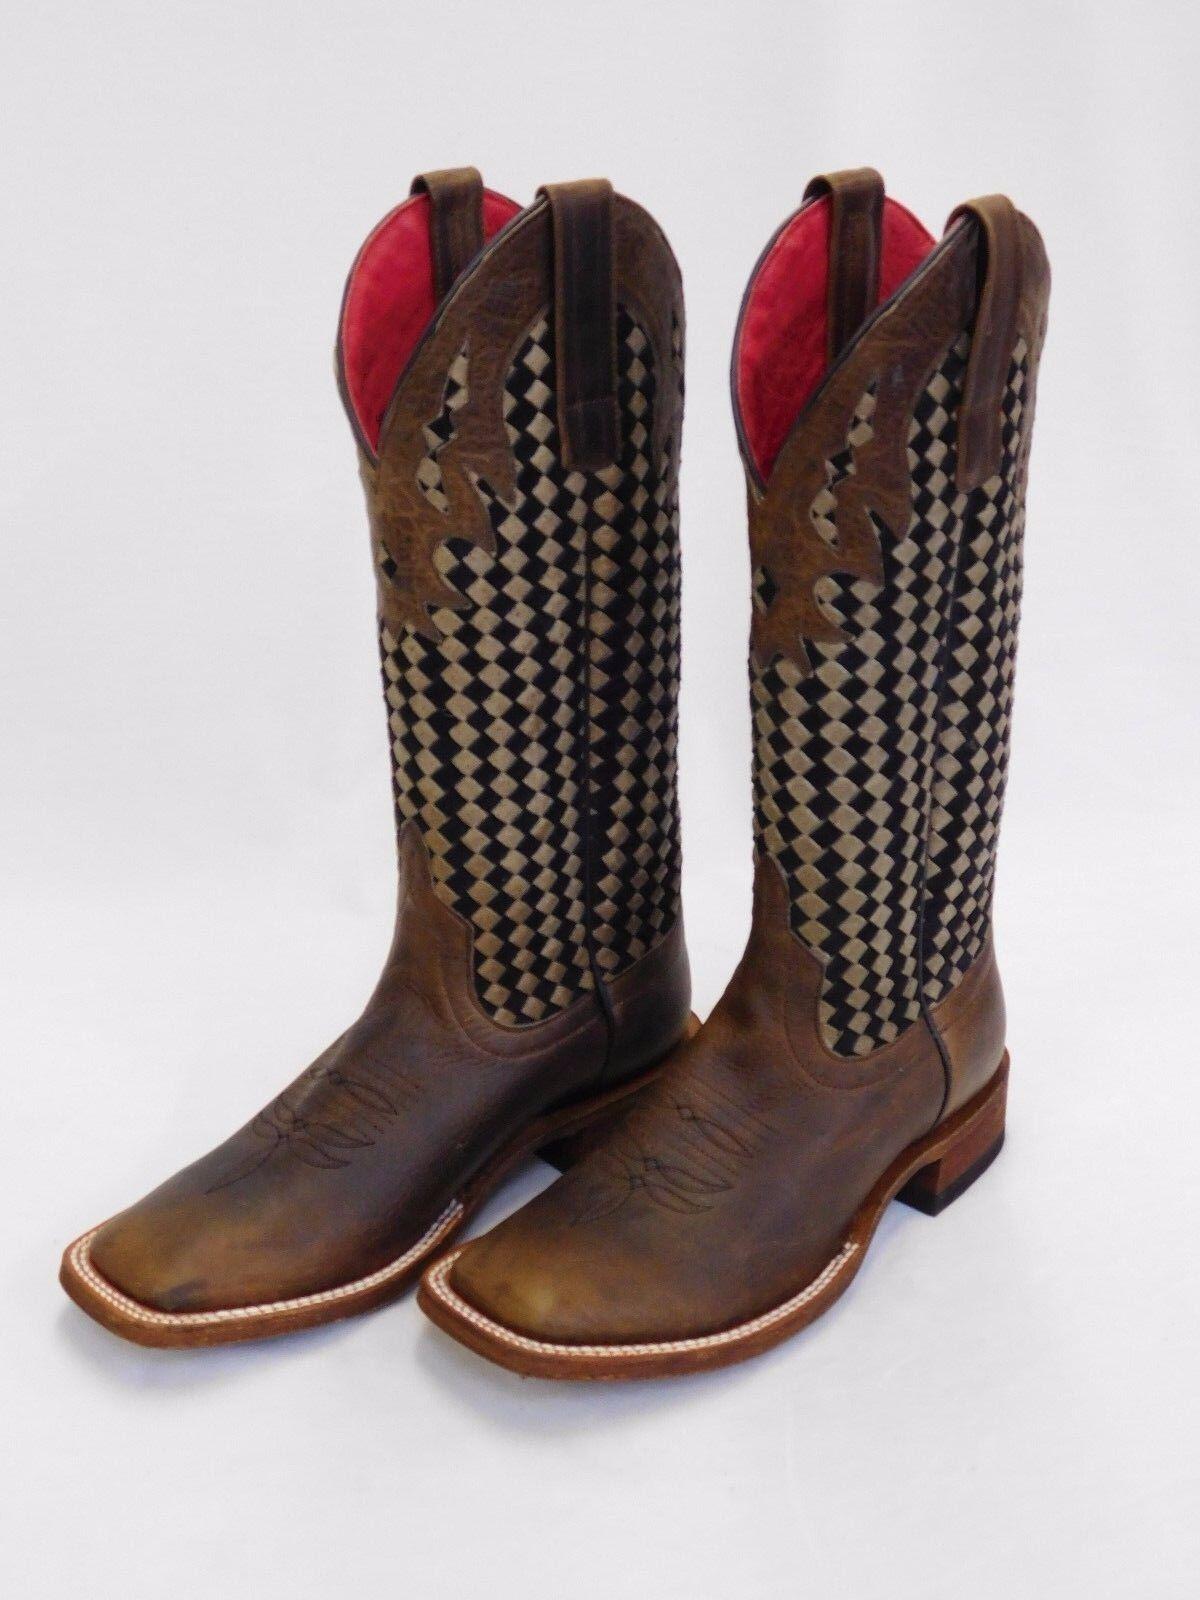 alta qualità generale Donna    Macie Bean Marrone Square Toe stivali w nero and Marrone Woven Tops M9075  risparmia fino al 50%